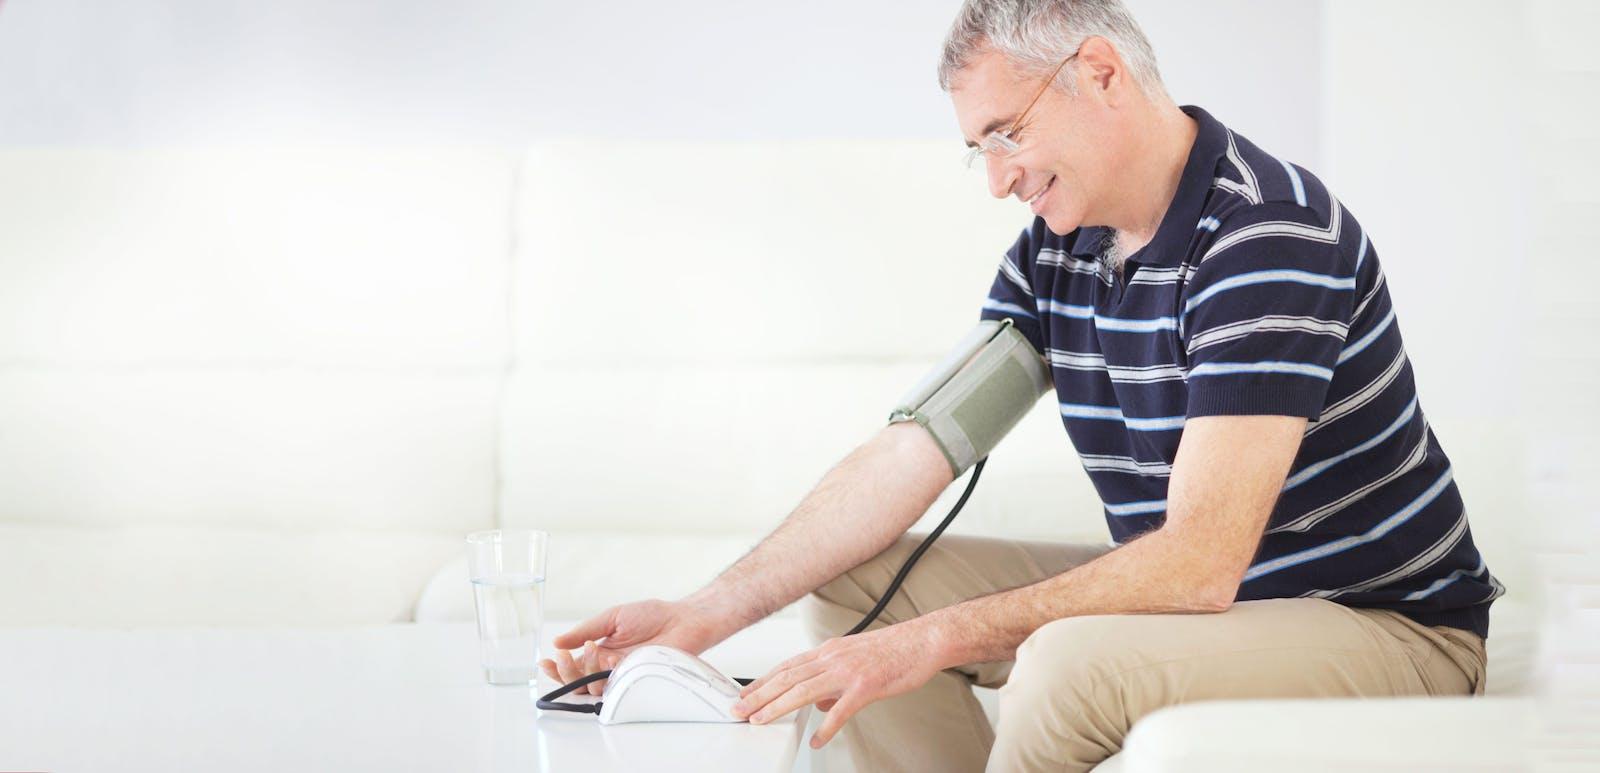 La presión arterial normal suele ser 120/80